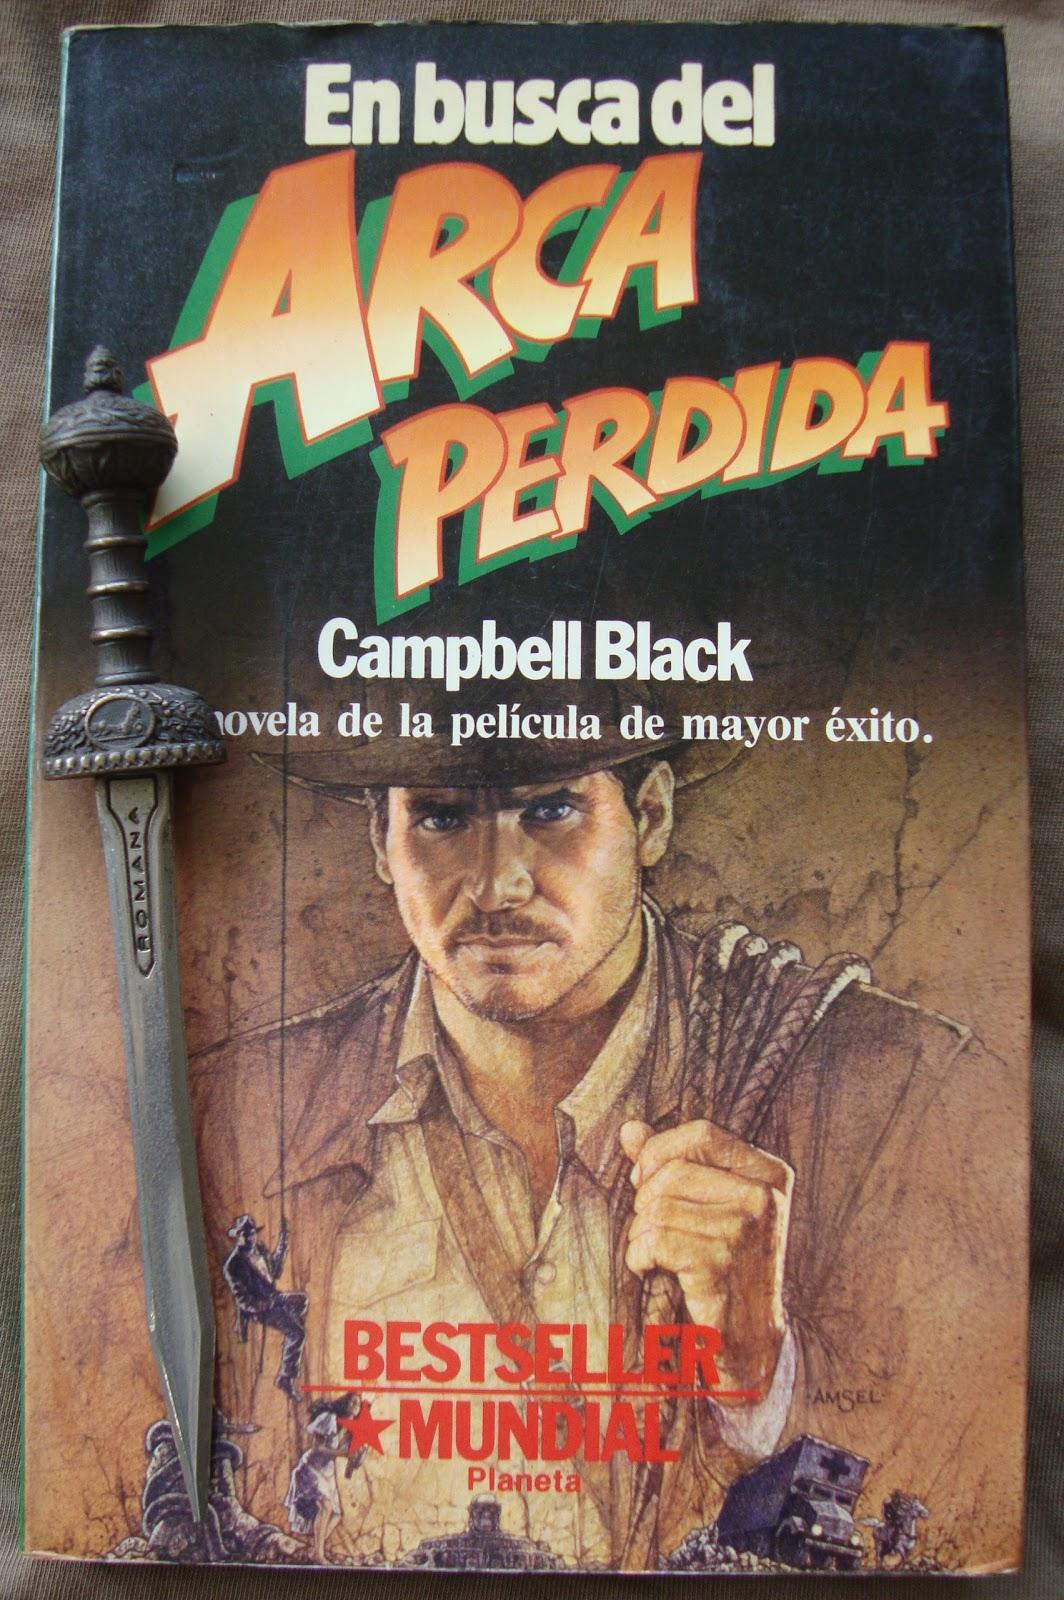 Libros de olethros en busca del arca perdida campbell black for En busca del arca perdida